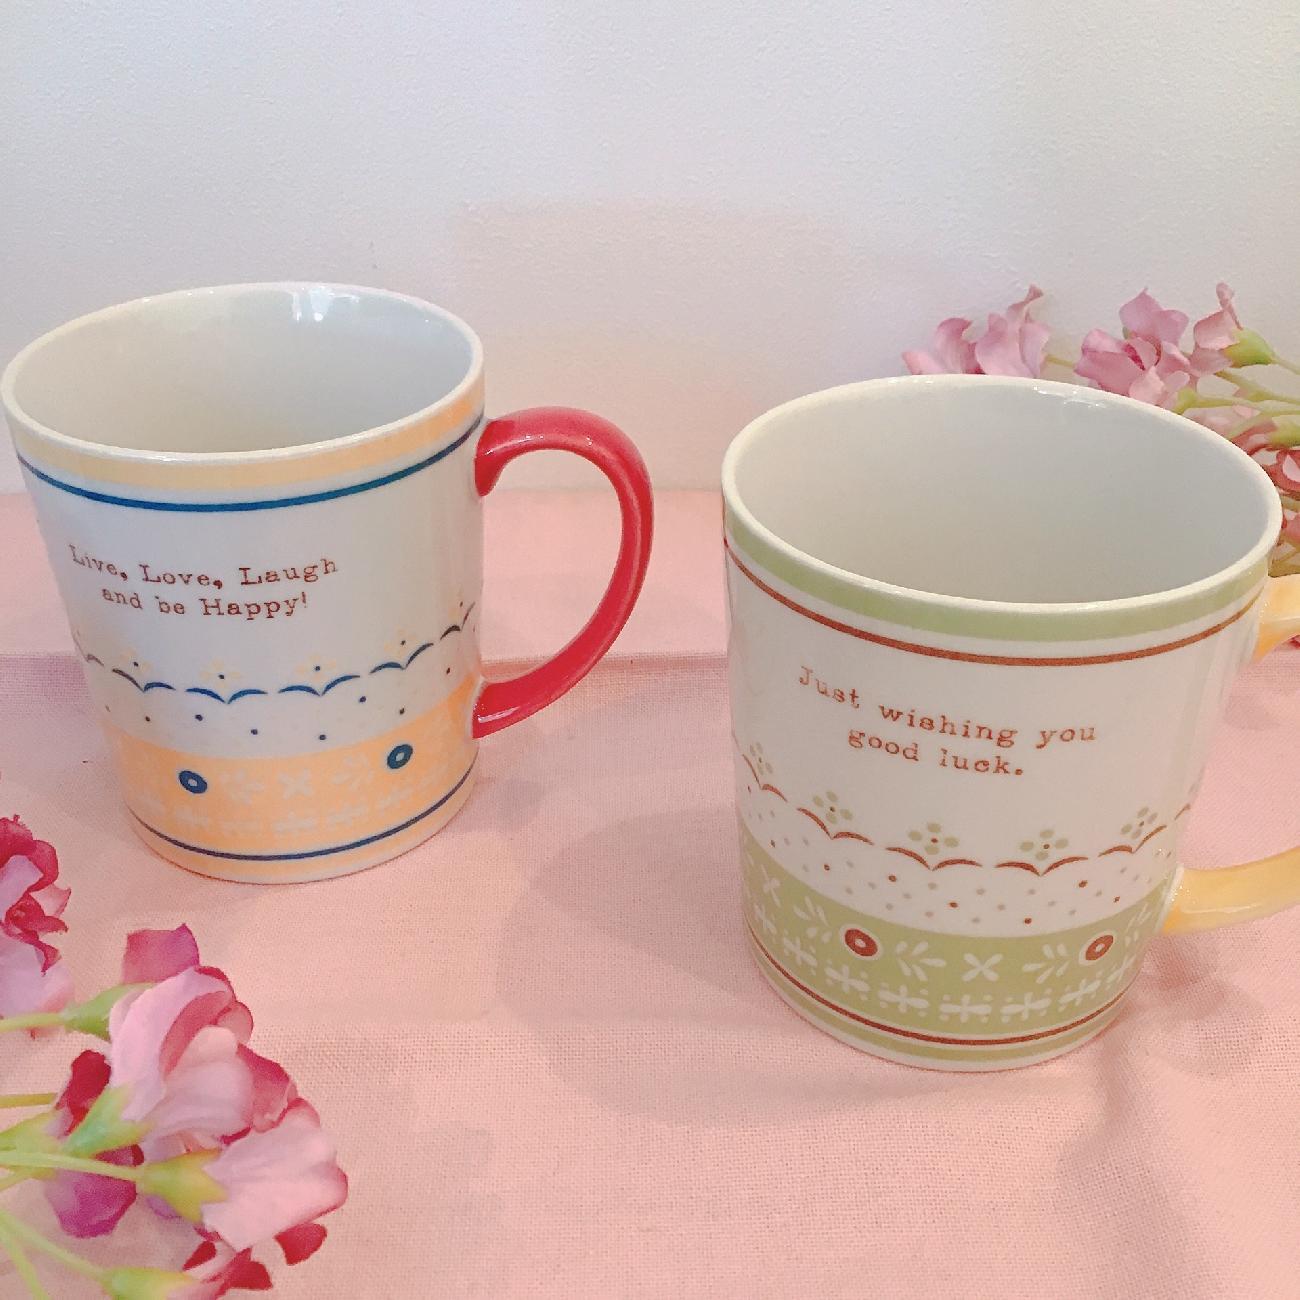 マグカップ/可愛い/紅茶/コーヒー/あたたかい/ティータイム/リラックスタイム/ティー/カップ